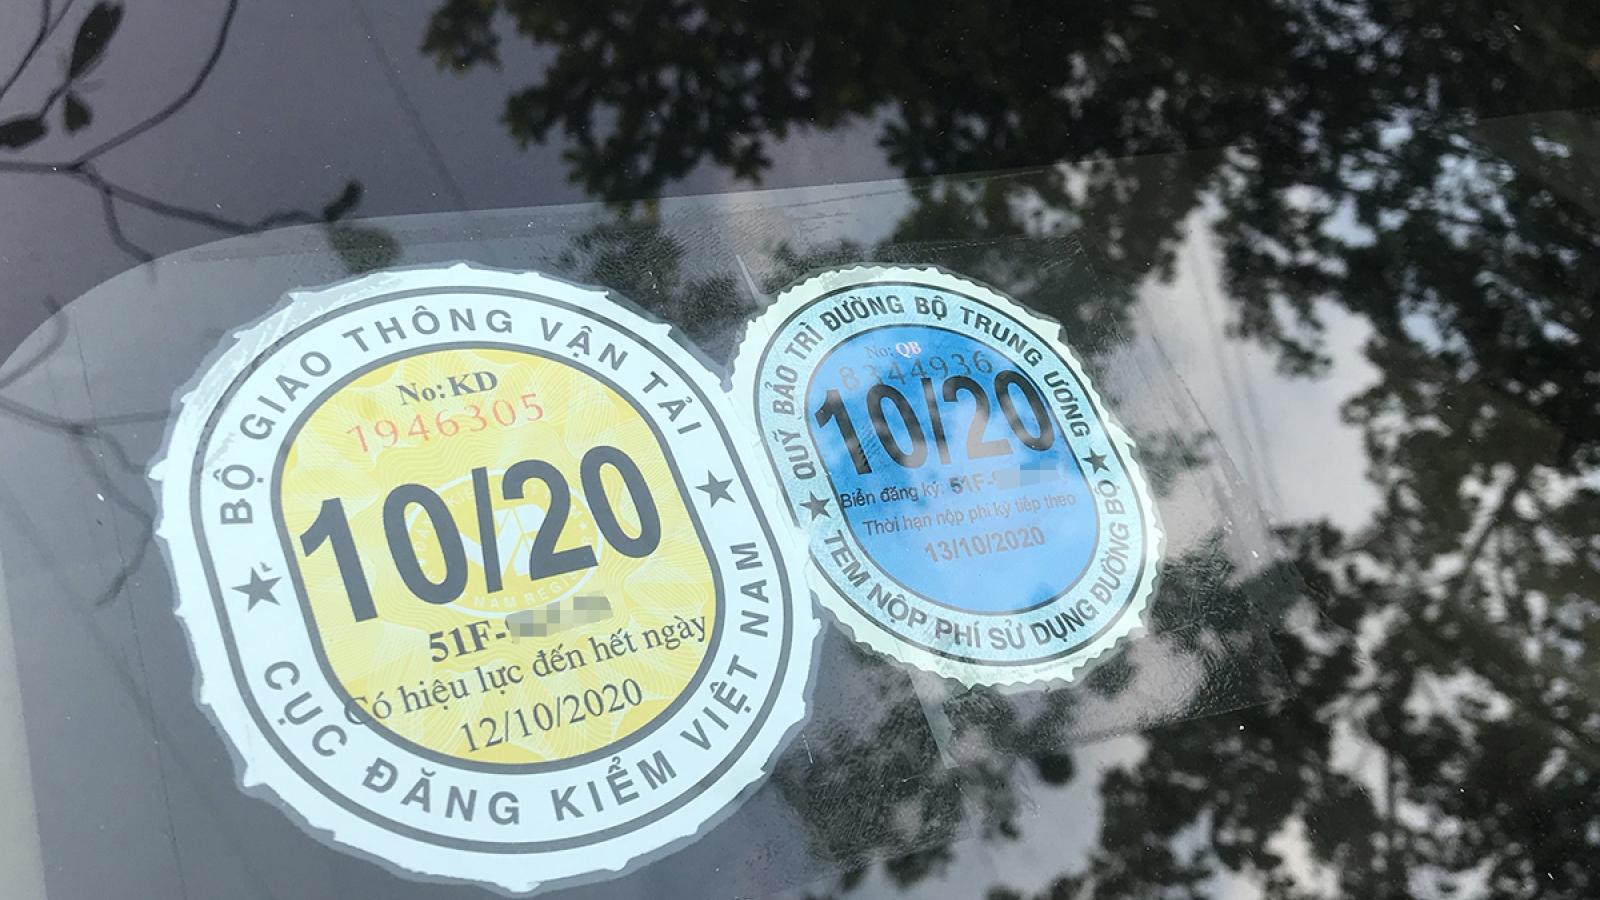 Mức phạt xe ô tô quá hạn đăng kiểm năm 2020